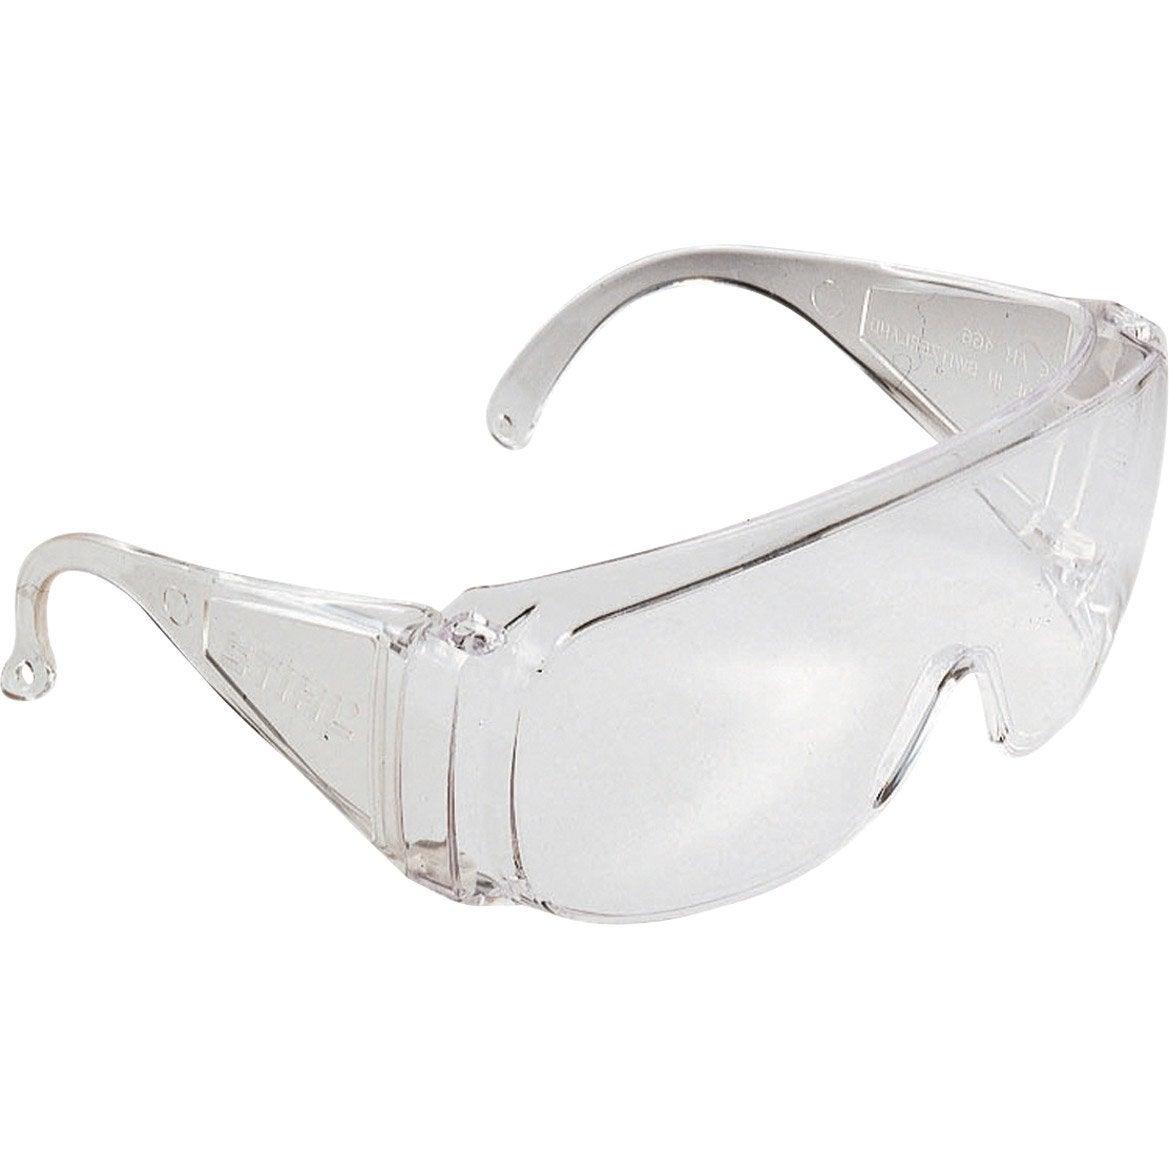 Lunettes de protection écran plastique STIHL   Leroy Merlin c98466ac5103